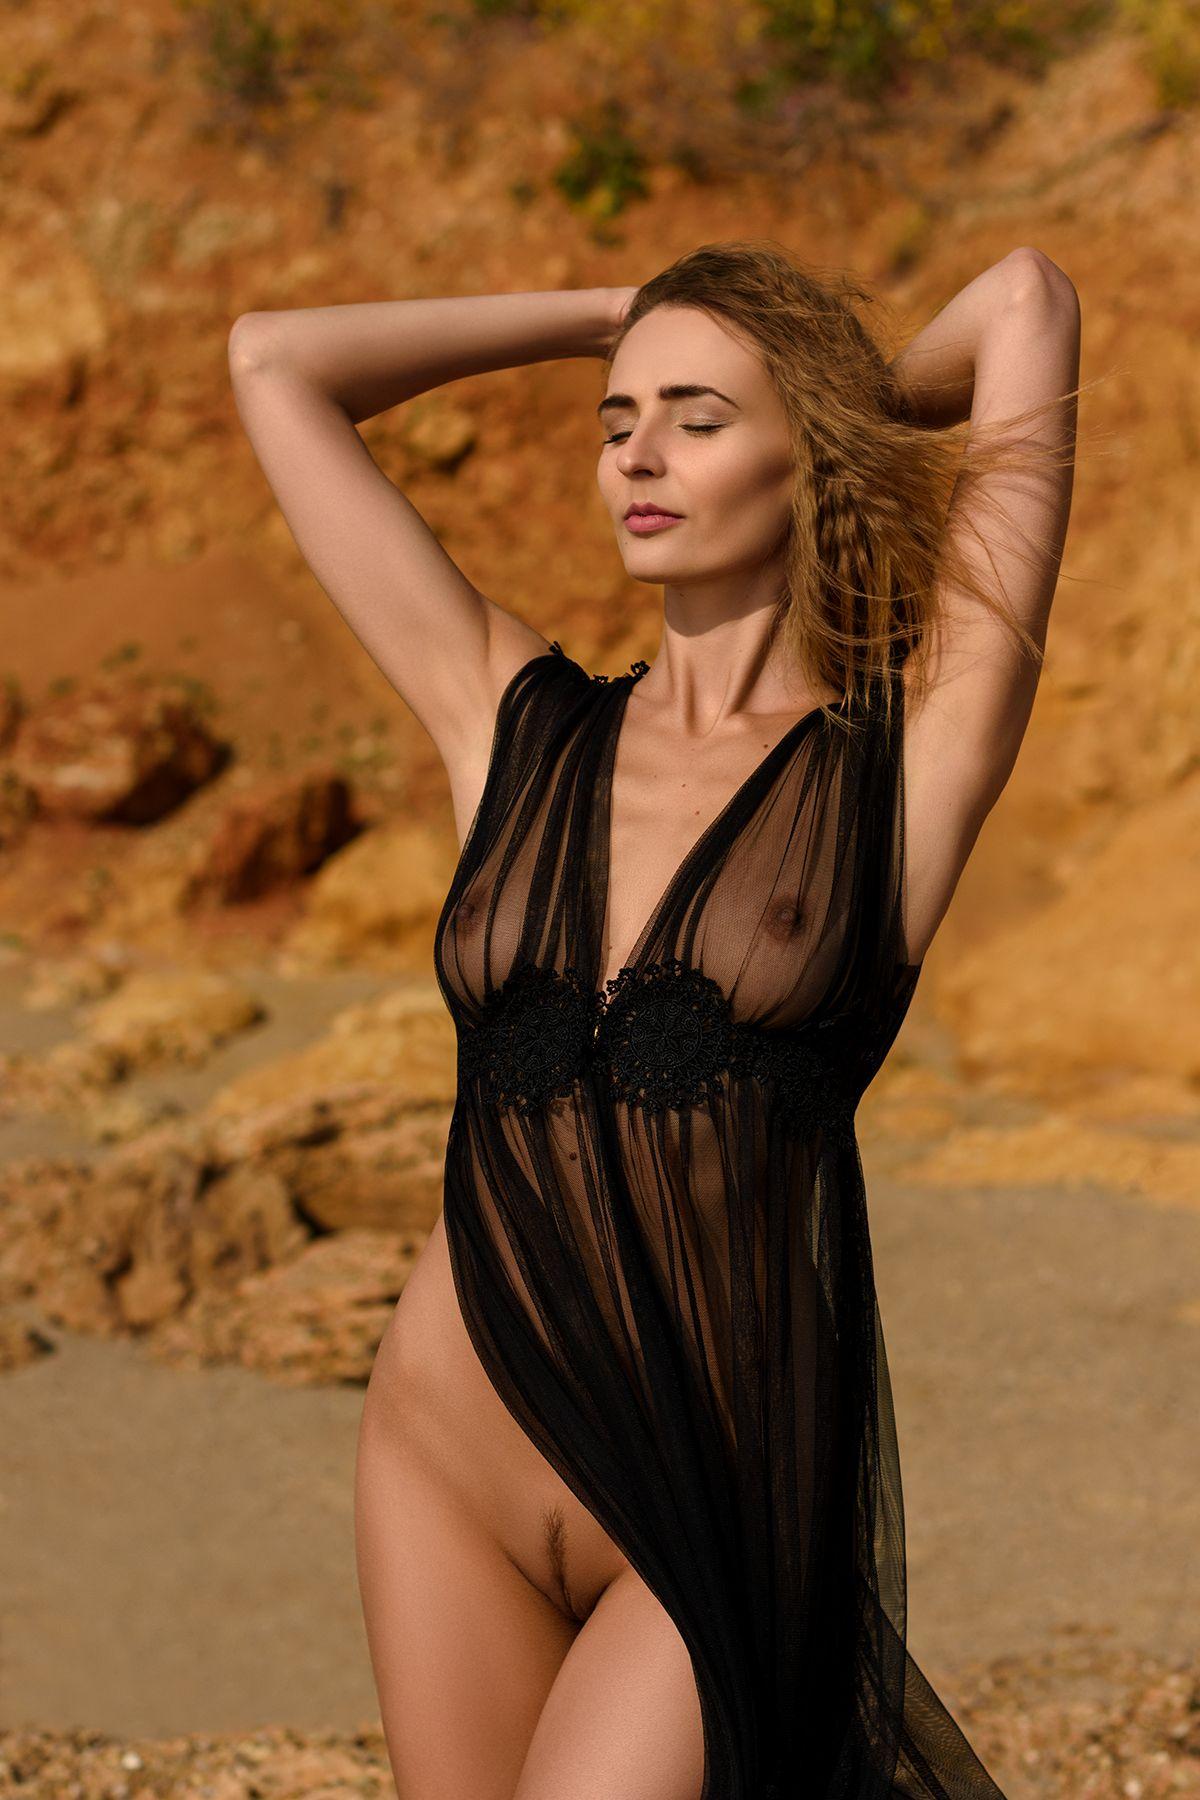 nude,model,color,обнажённая,грудь,ню, Давыдов Юрий